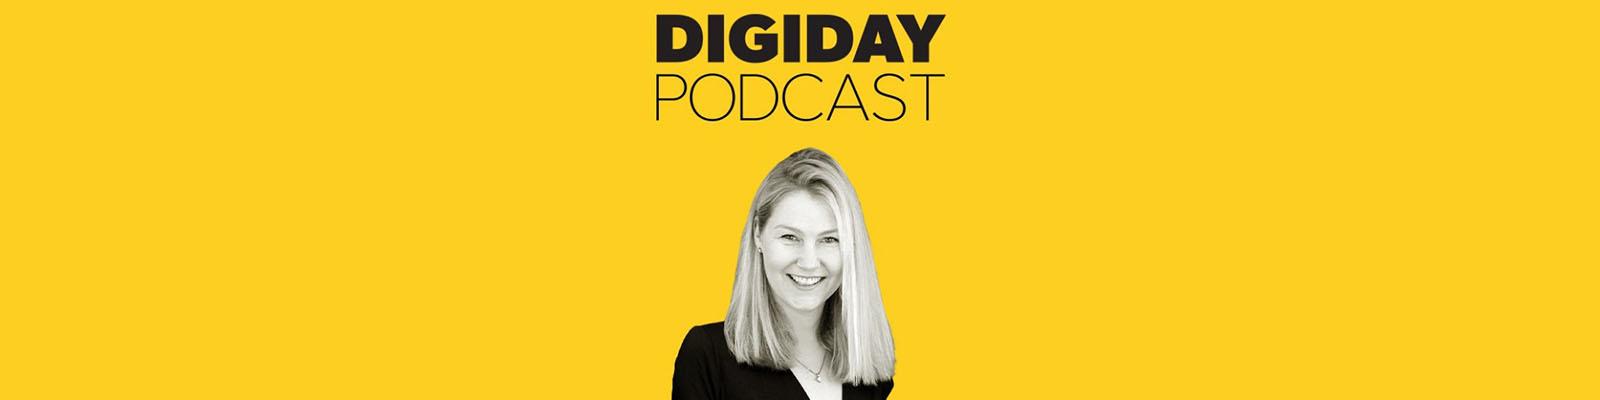 「ニュース企業には、eコマース界の一員という自覚が必要」 :Googleのエイミー・アダムス・ハーディング氏 | DIGIDAY[日本版]